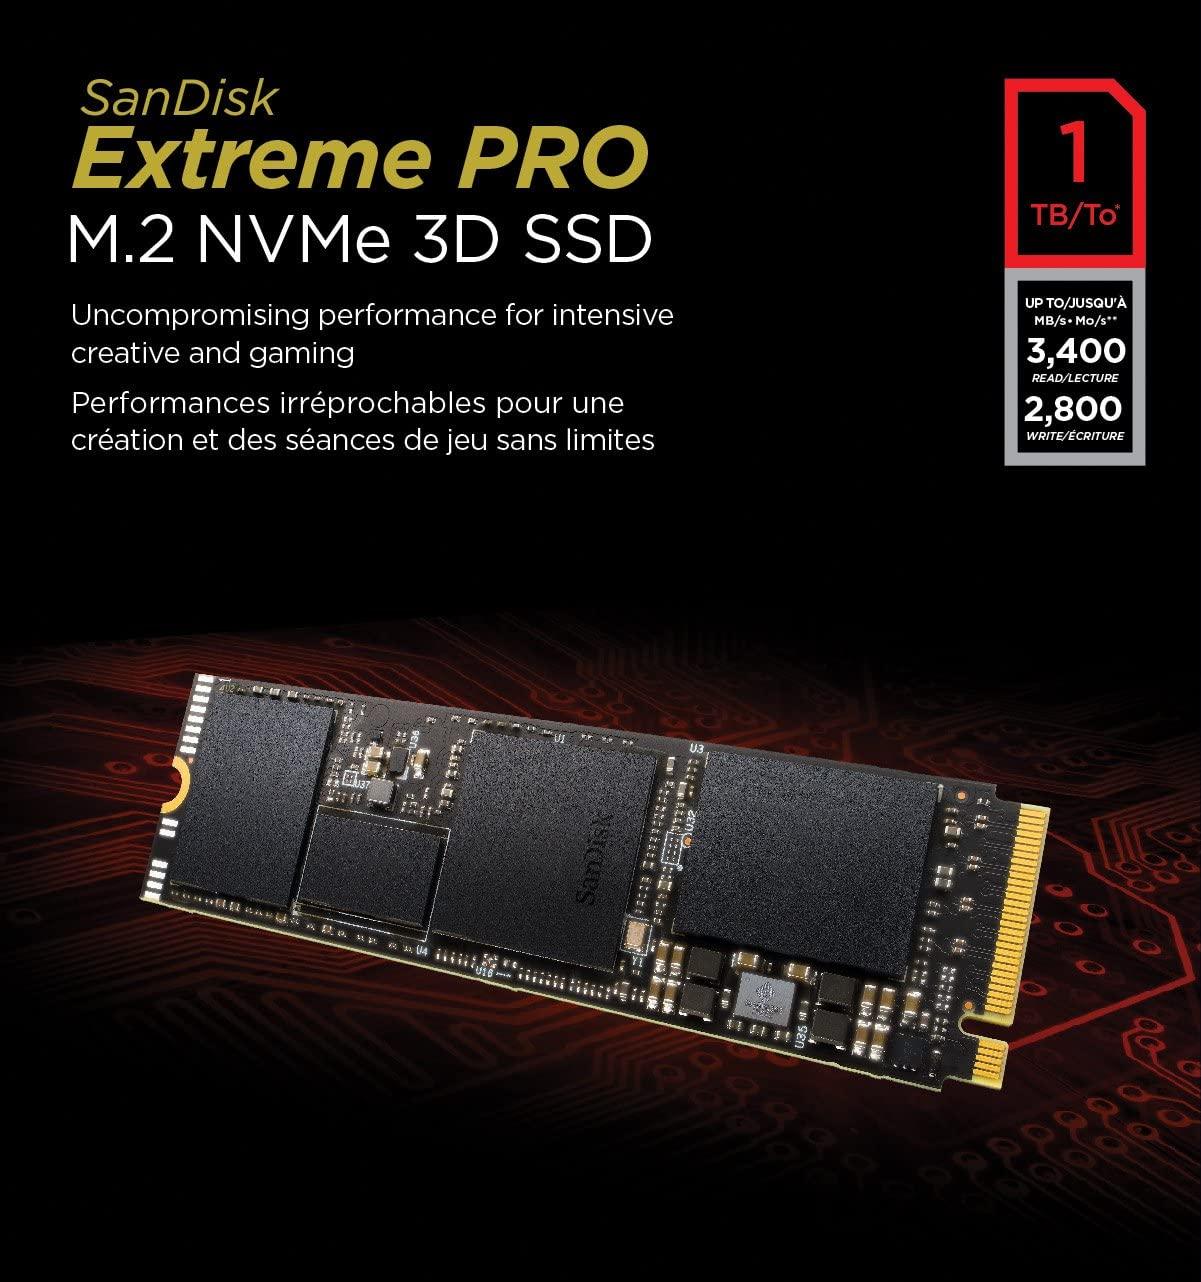 多层缓存,比sata块6倍!1TB SanDisk闪迪 Extreme Pro 至尊超极速3D版 M.2 NVMe固态硬盘